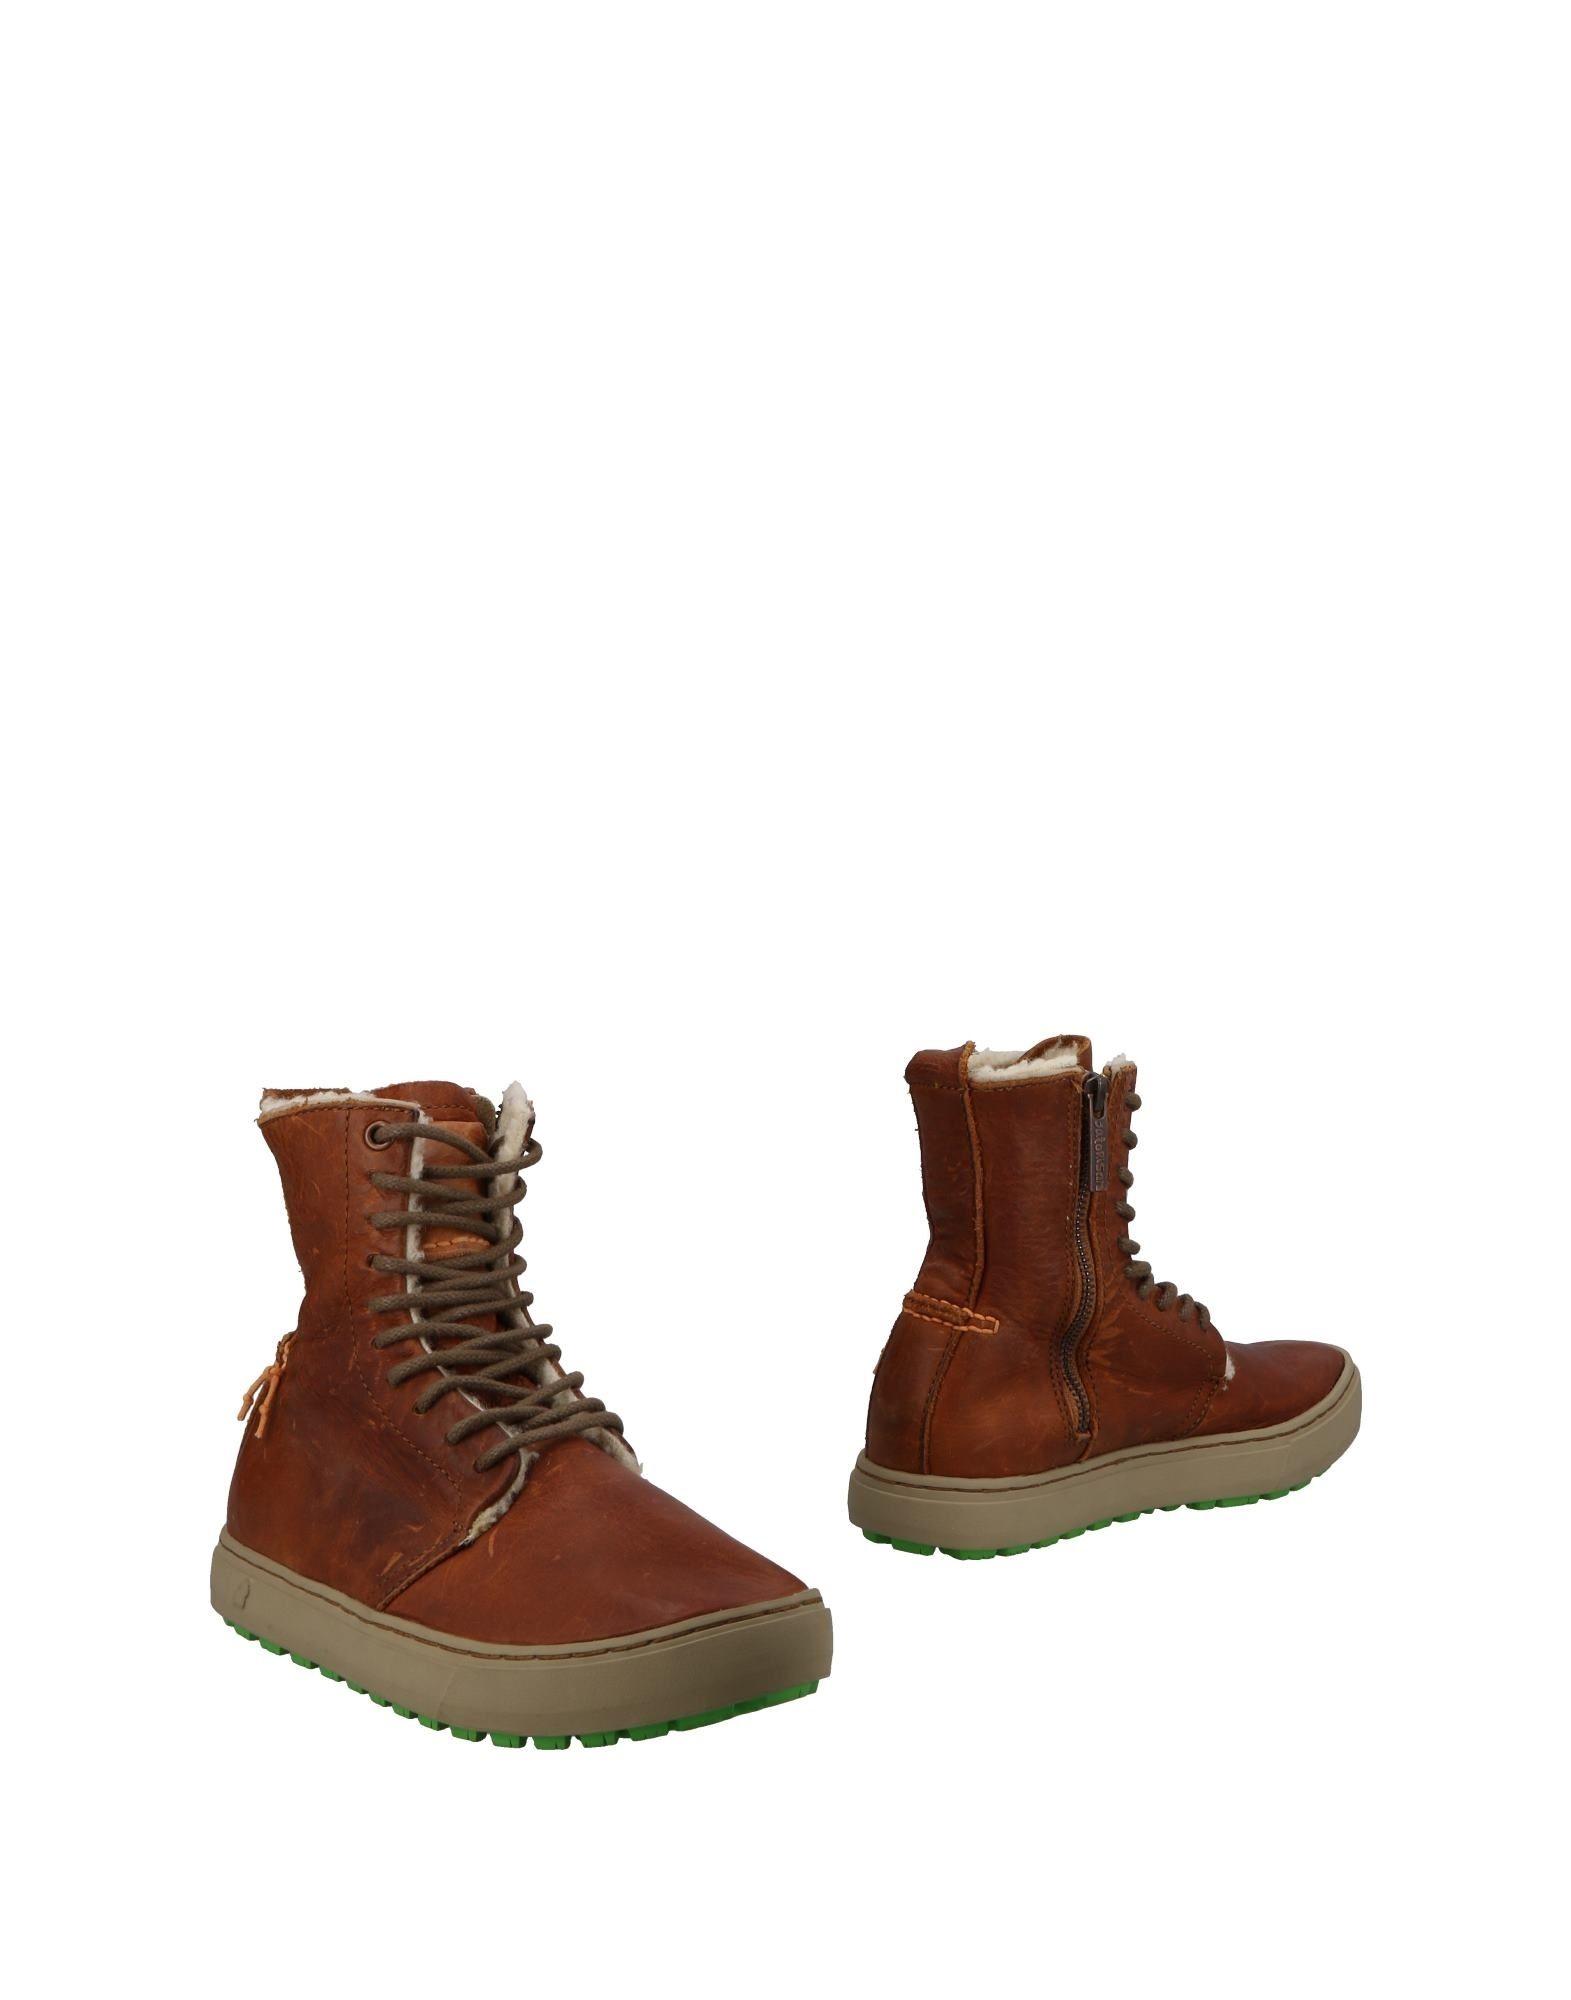 Gut um Stiefelette billige Schuhe zu tragenSatorisan Stiefelette um Damen  11490291LP a0726a